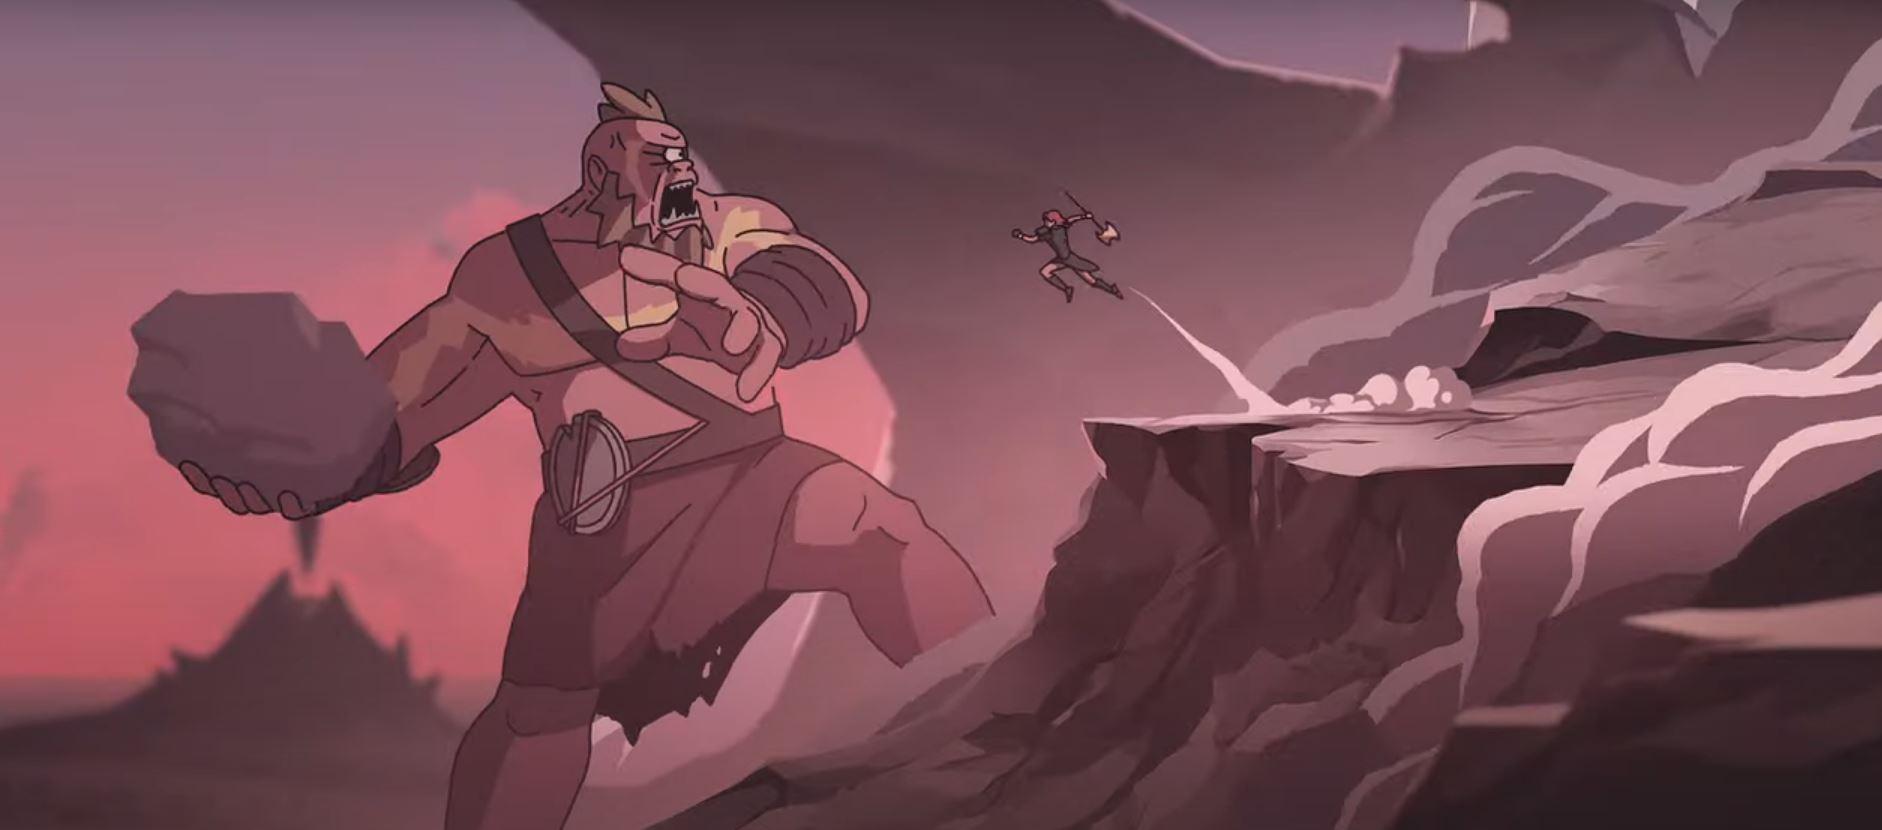 Короткометражка: анимационный трейлер Immortals Fenyx Rising